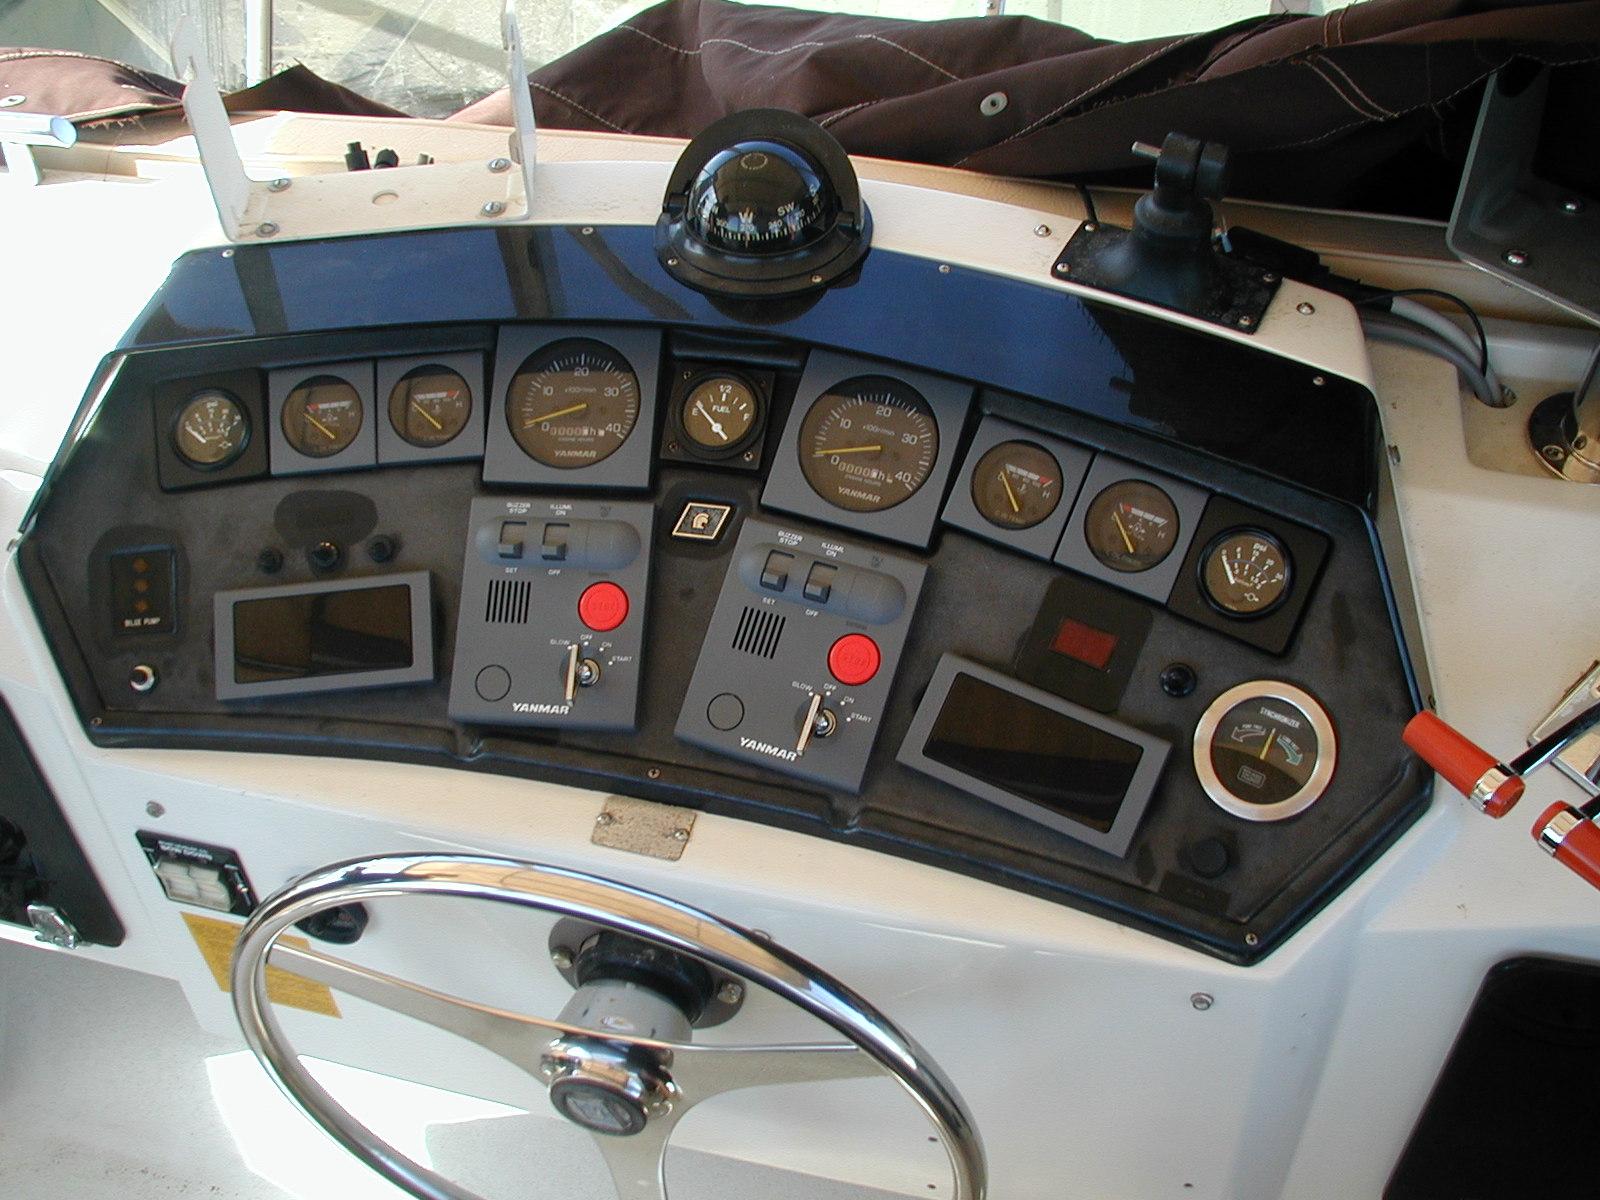 New engine instrumentation - New Yanmar gauges were installed in the original Trojan instrument panel.